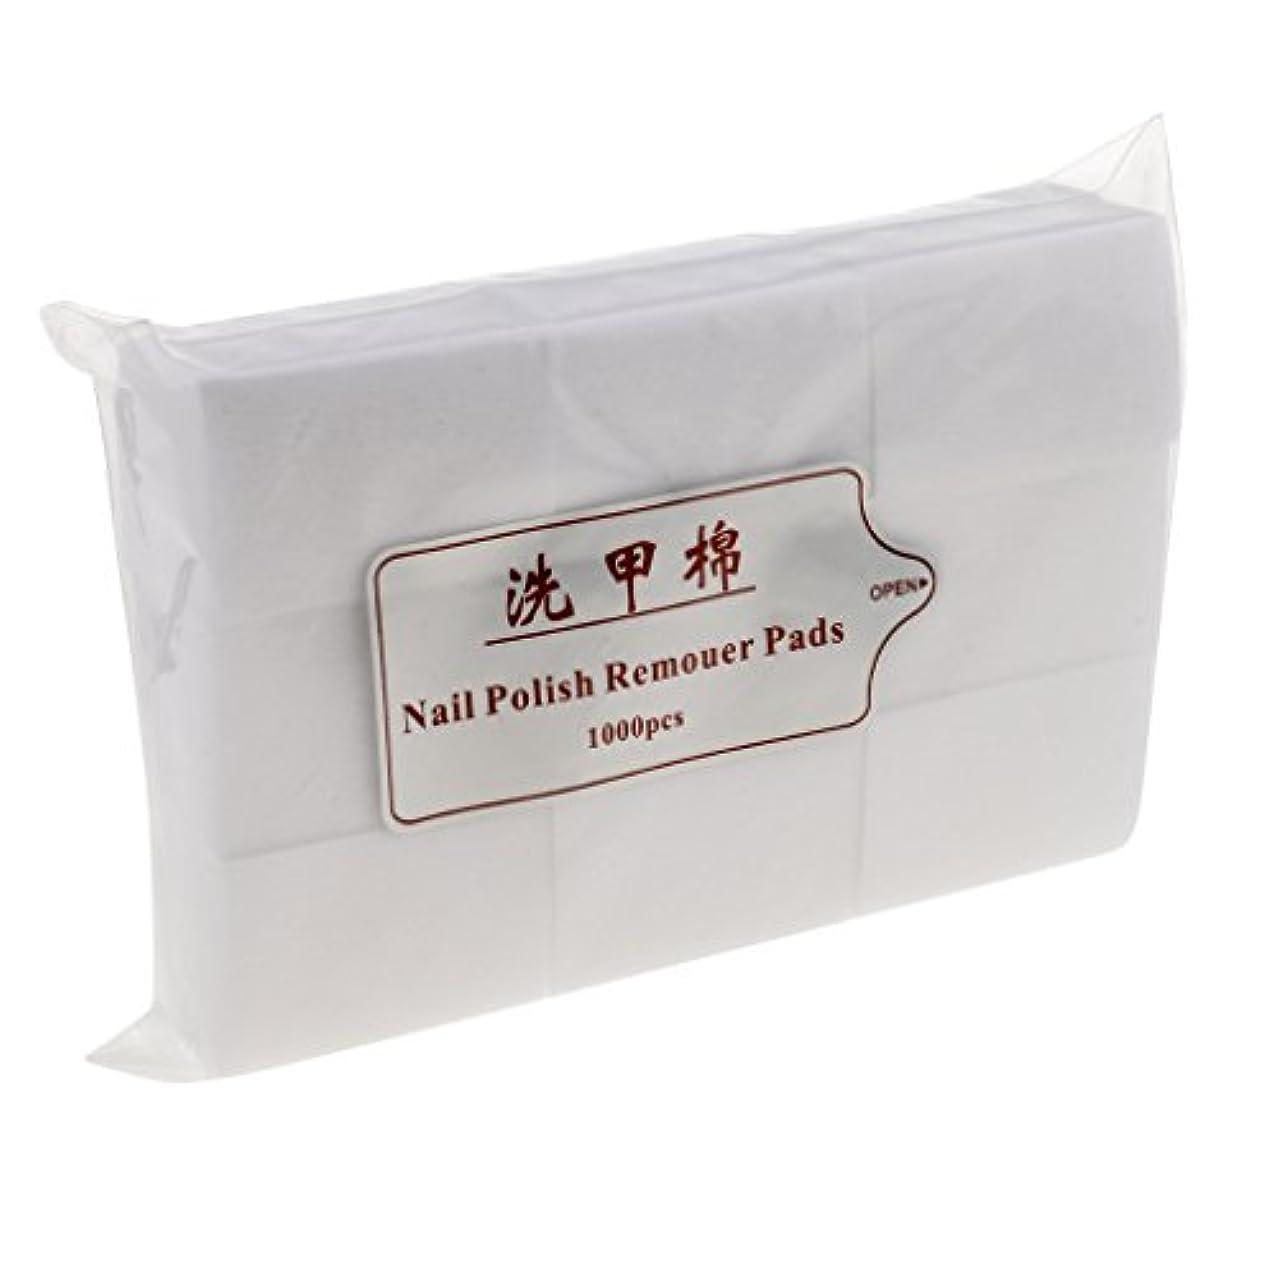 方程式スプーン販売員約1000個 ネイルコットンパッド ネイル パッド ネイルアートチップ パッド紙 吸水性 便利 ネイルサロン